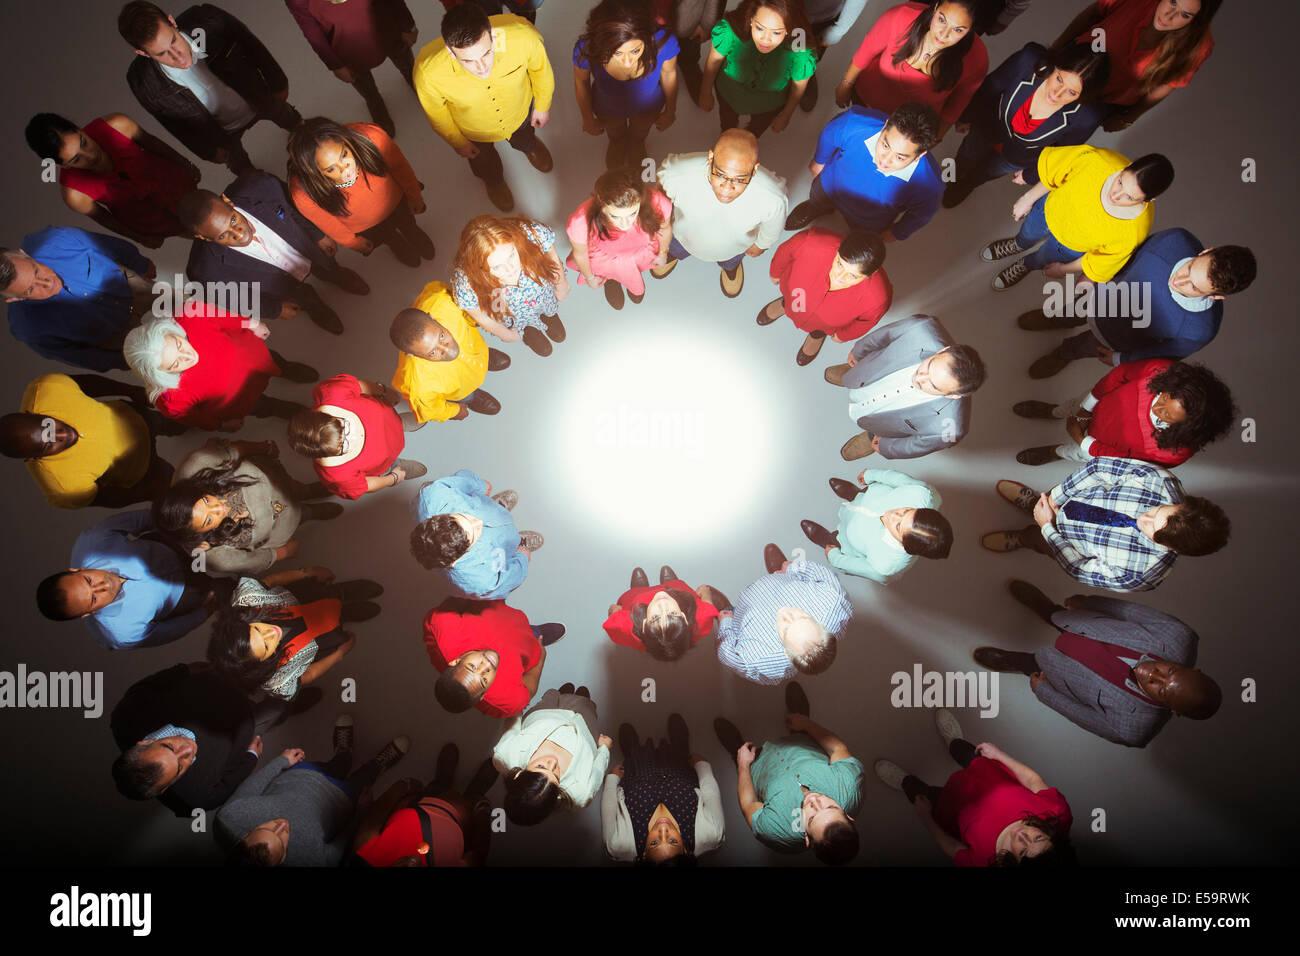 Folla variegata in piedi intorno a una luce brillante Immagini Stock